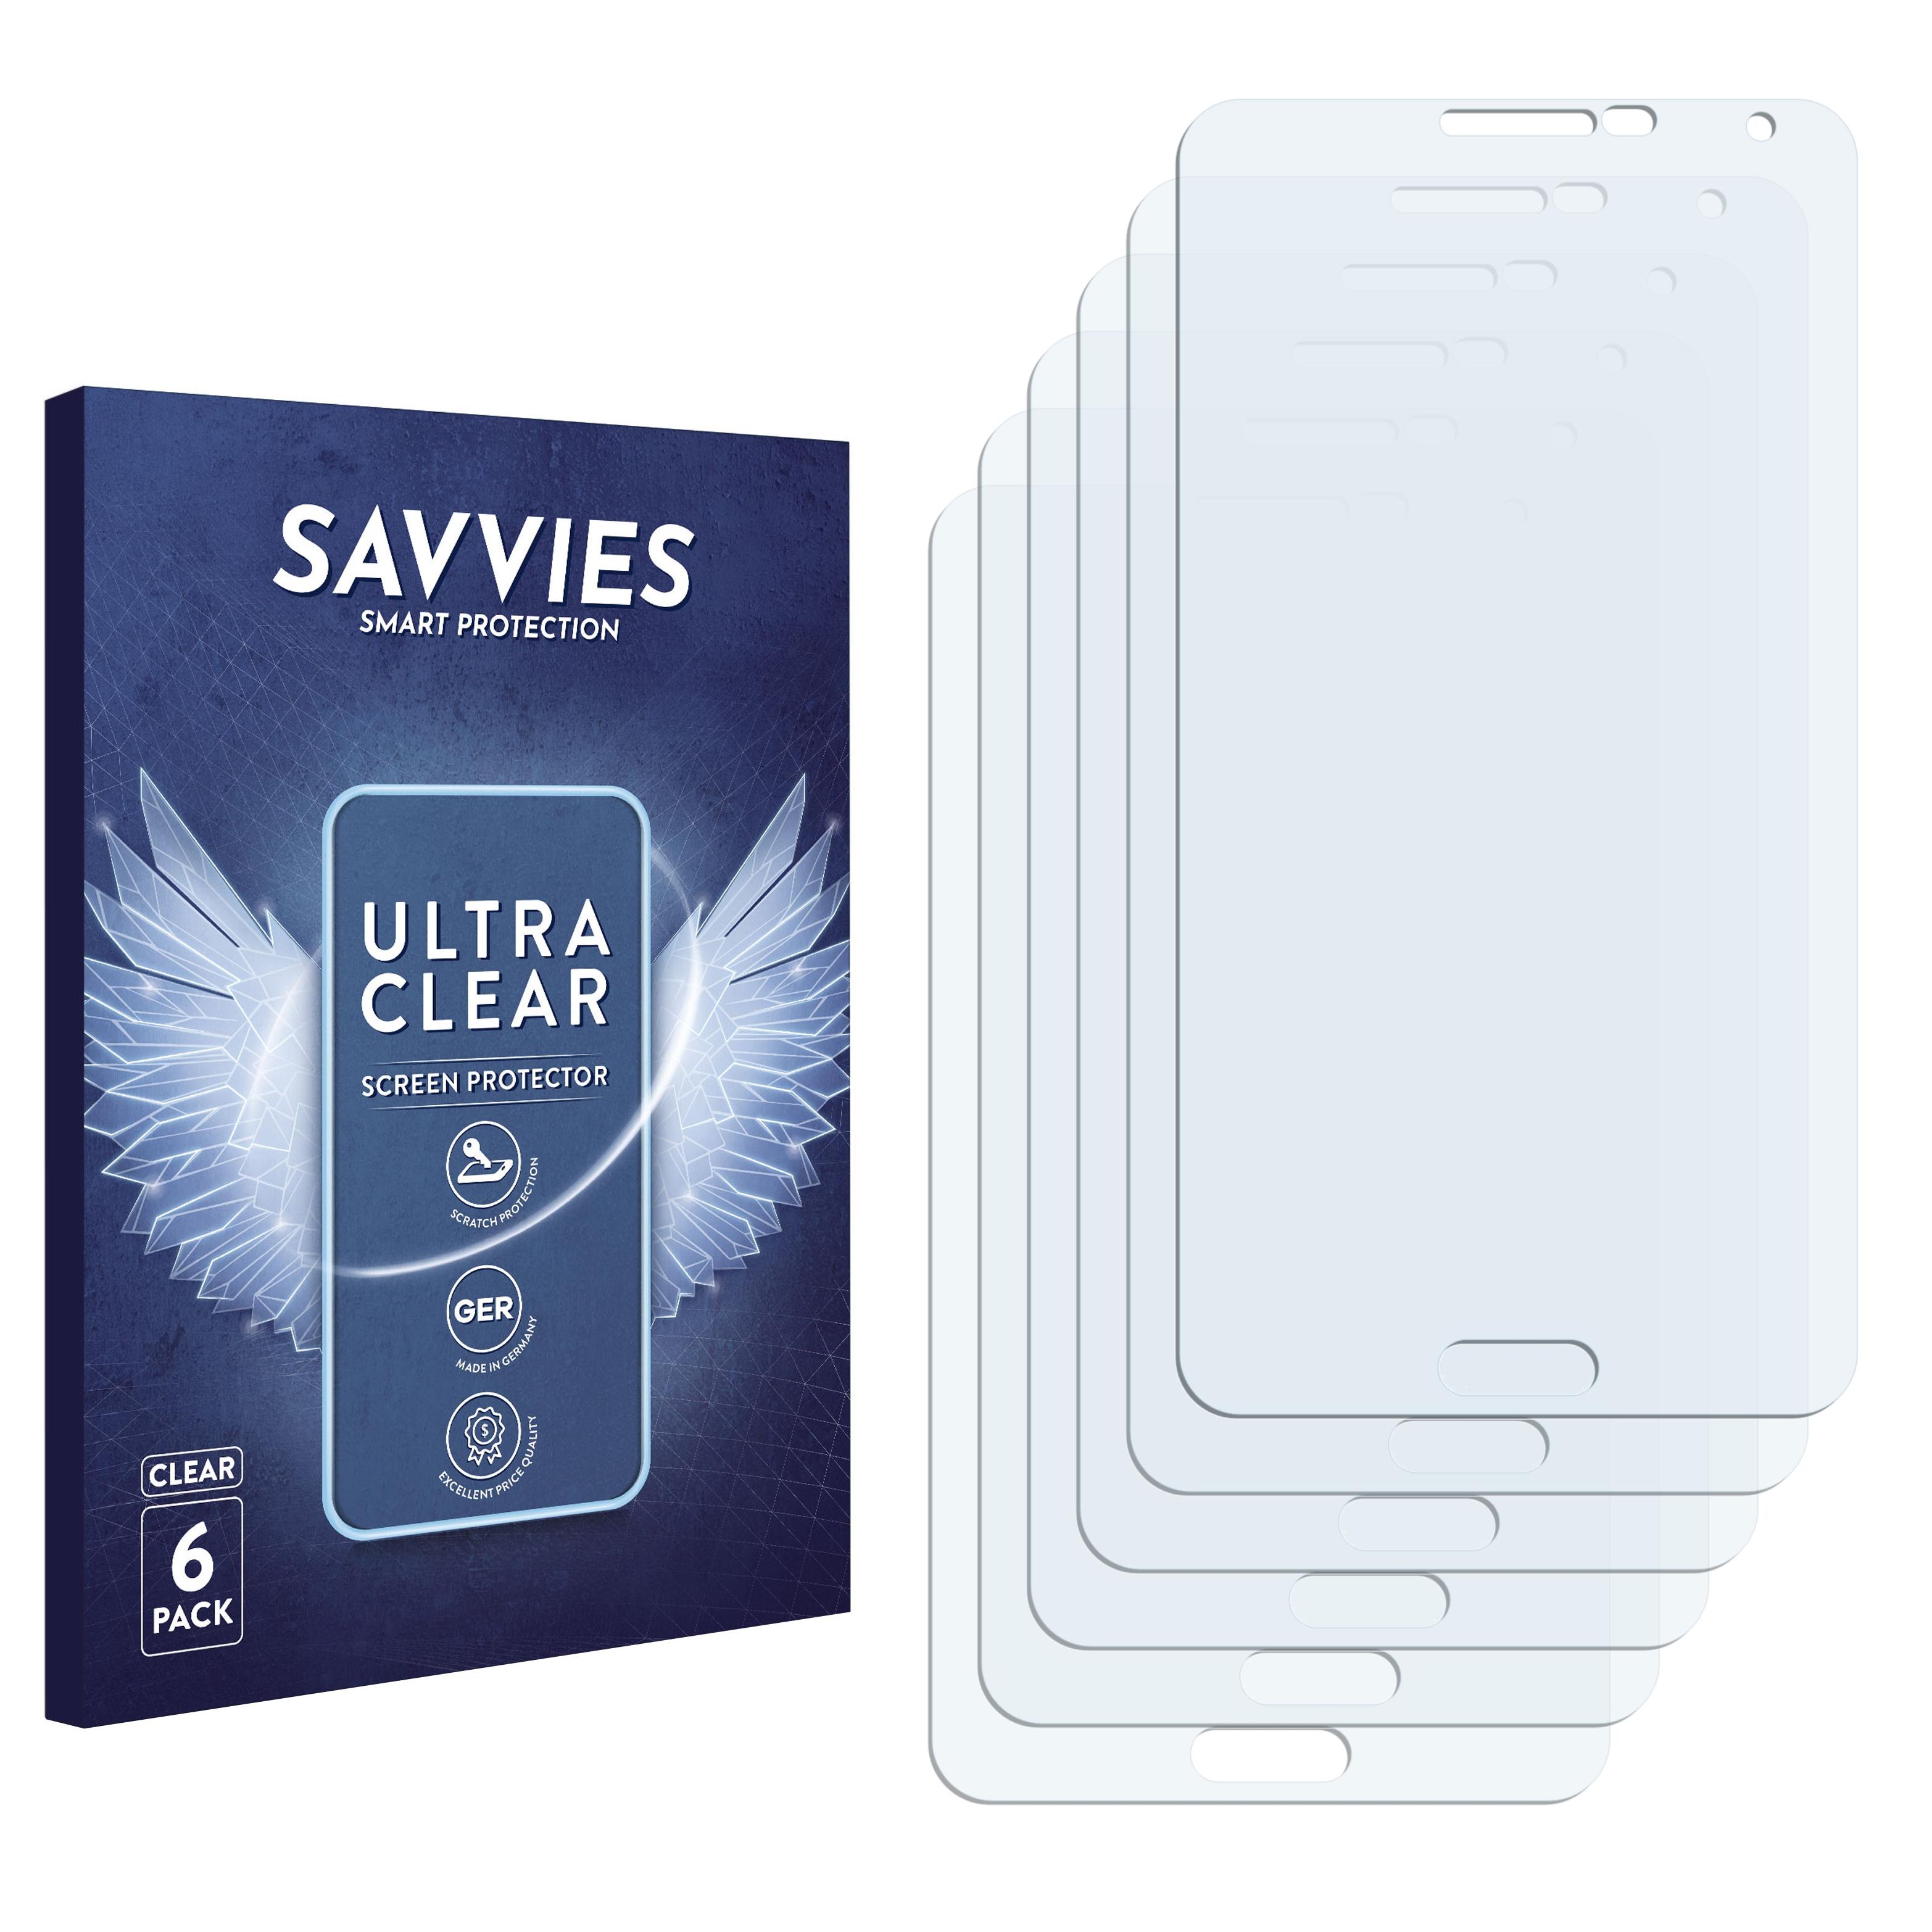 6x Savvies SU75 čirá ochranná fólie pro Samsung Galaxy Note 3 Octa